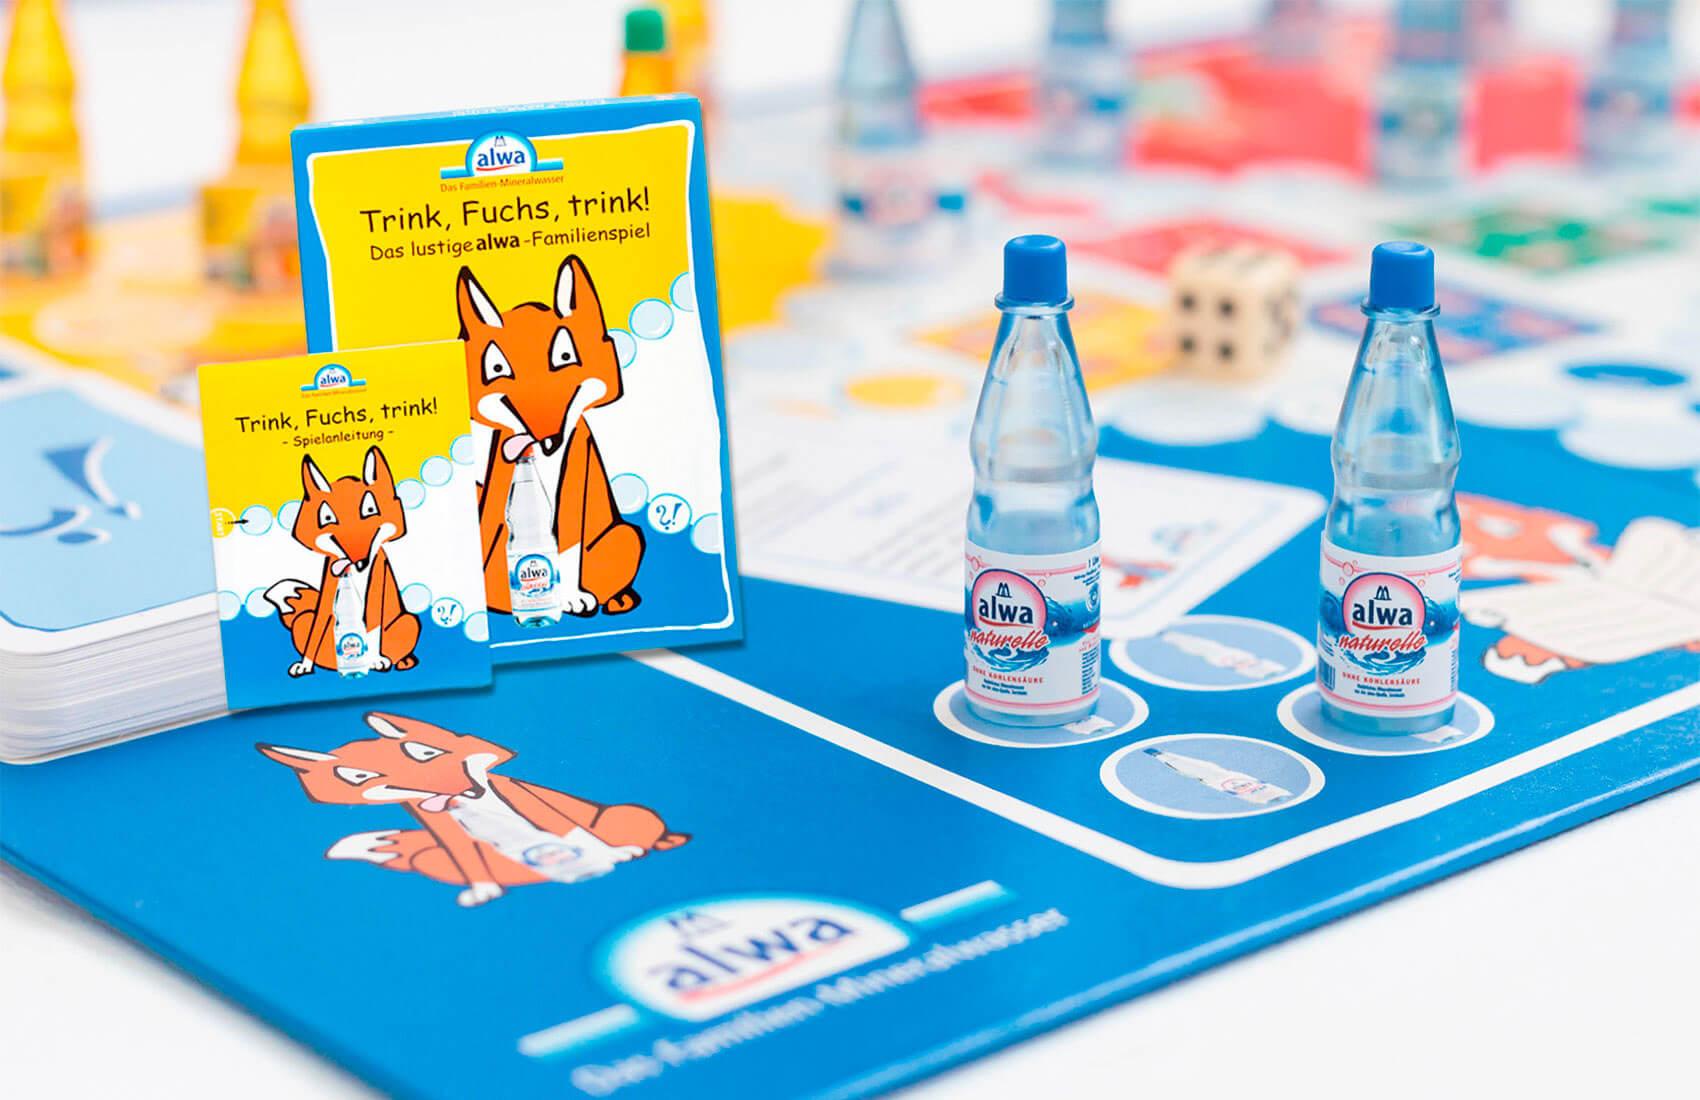 Brettspiel mit kleinen Wasserflaschen als Spielfiguren. Es gibt einen Würfel und Fragekarten. Die Fragen sind Lernfragen aus dem Unterrichtsheft. Wer zuerst im Ziel ist, hat gewonnen.